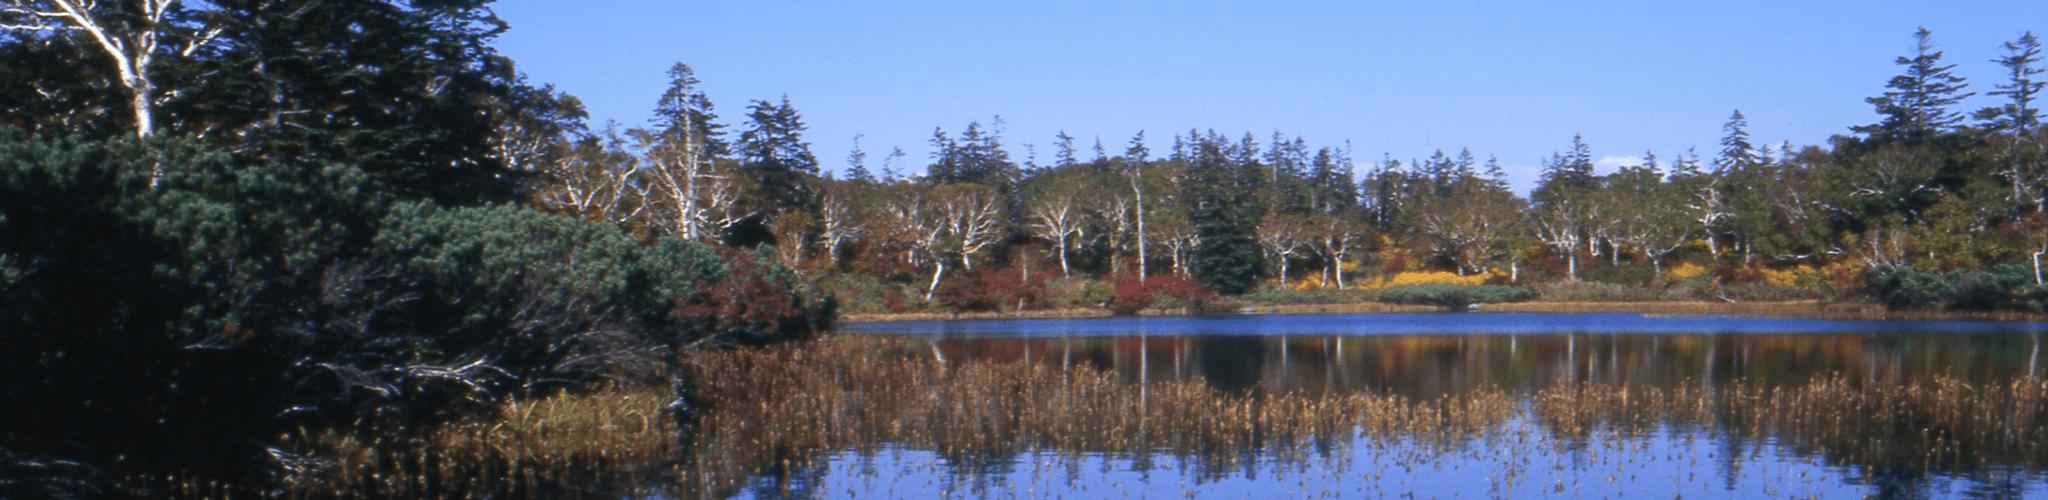 北海道、ニセコ・洞爺湖・大沼公園